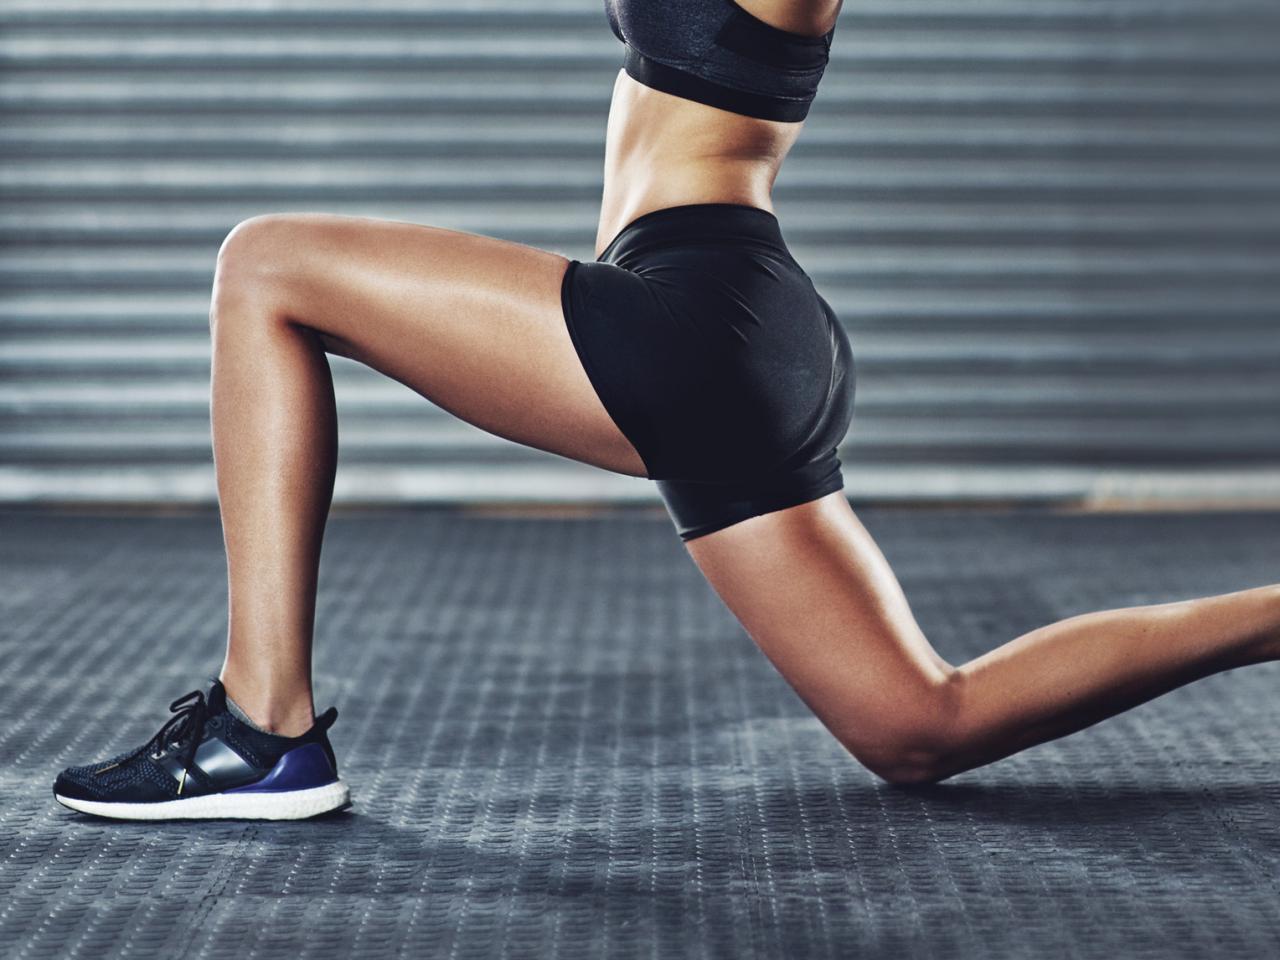 Лучшие упражнения для внутренней поверхности бедер: сделайте это один раз в день, и ваши ноги будут неотразимы!